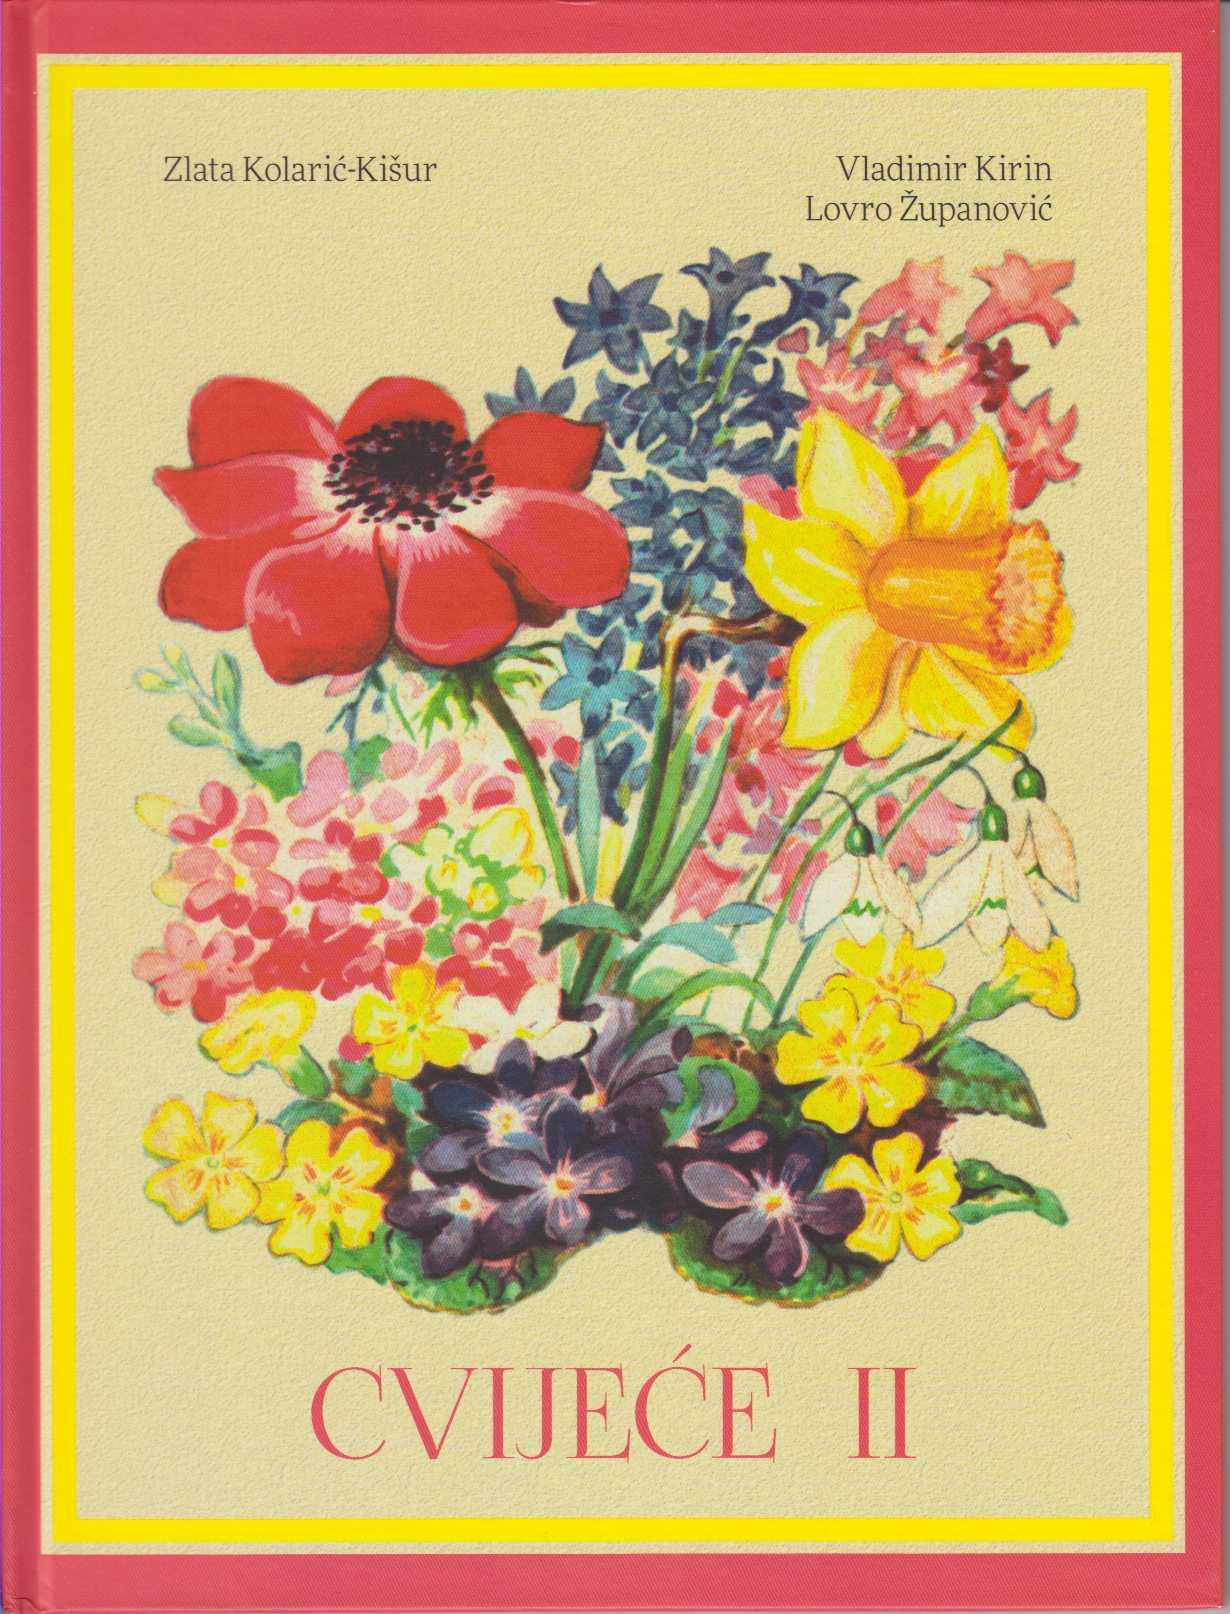 Cvijeće II